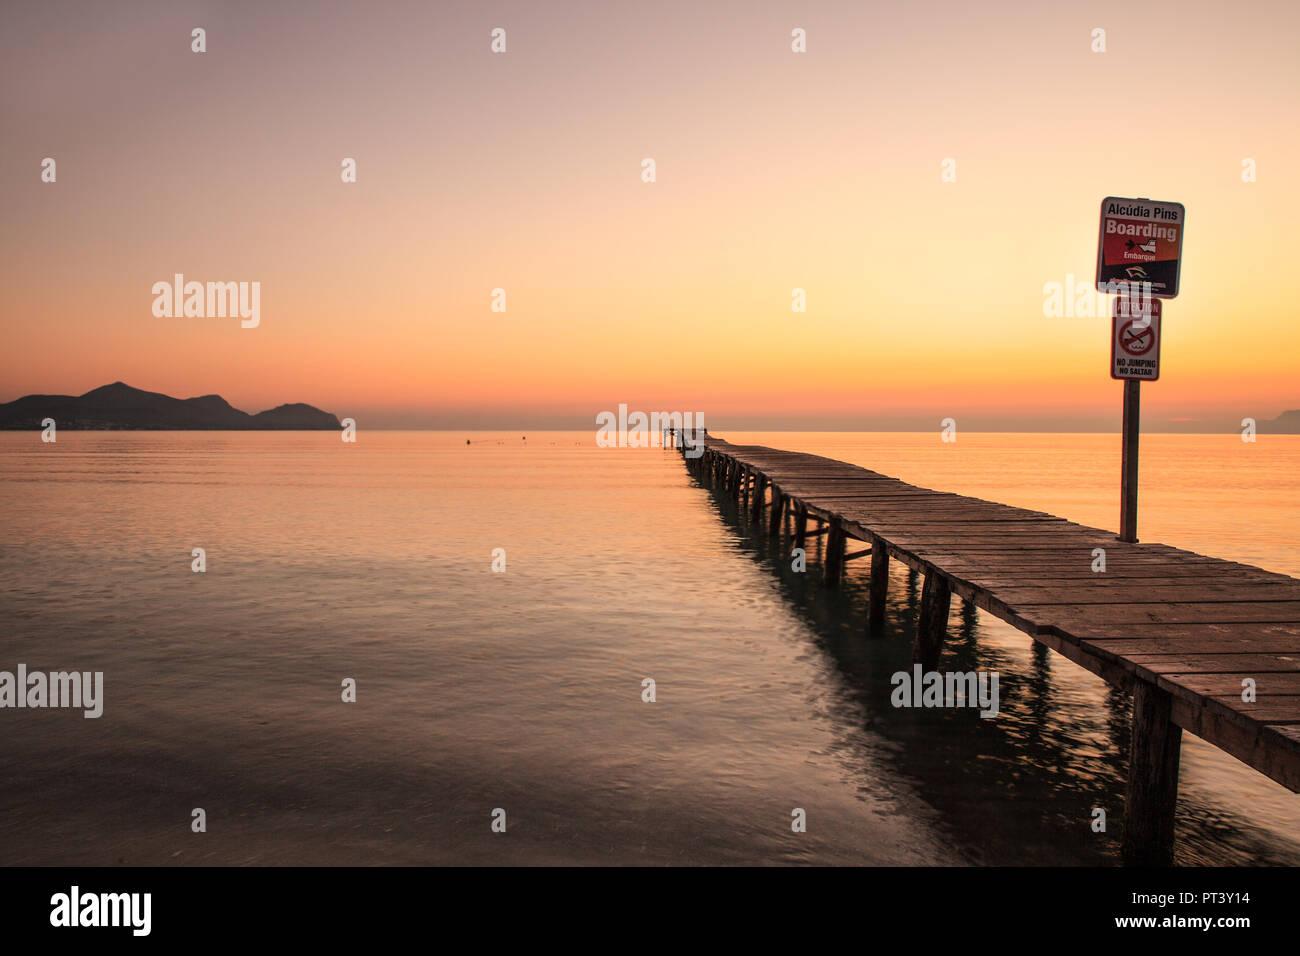 Europa Spanien Nord Mallorca Playa de Muro, langer Holzsteg in der Bucht von Alcudia bei Sonnenaufgang Stockbild